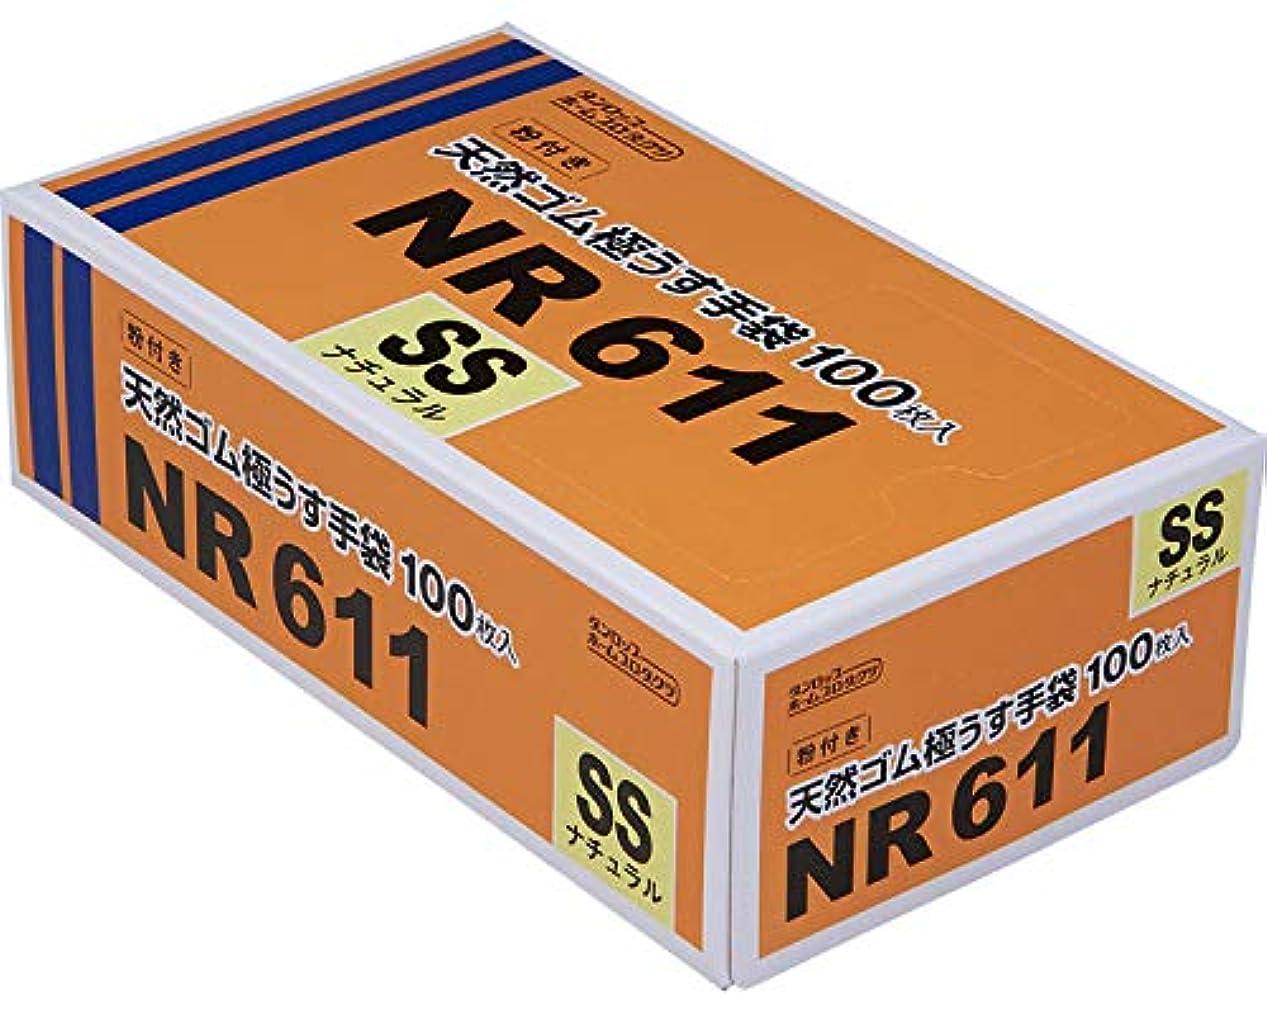 【ダンロップ】粉付天然ゴム極うす手袋ナチュラル(20箱入)NR611 (1ケース, SSサイズ)